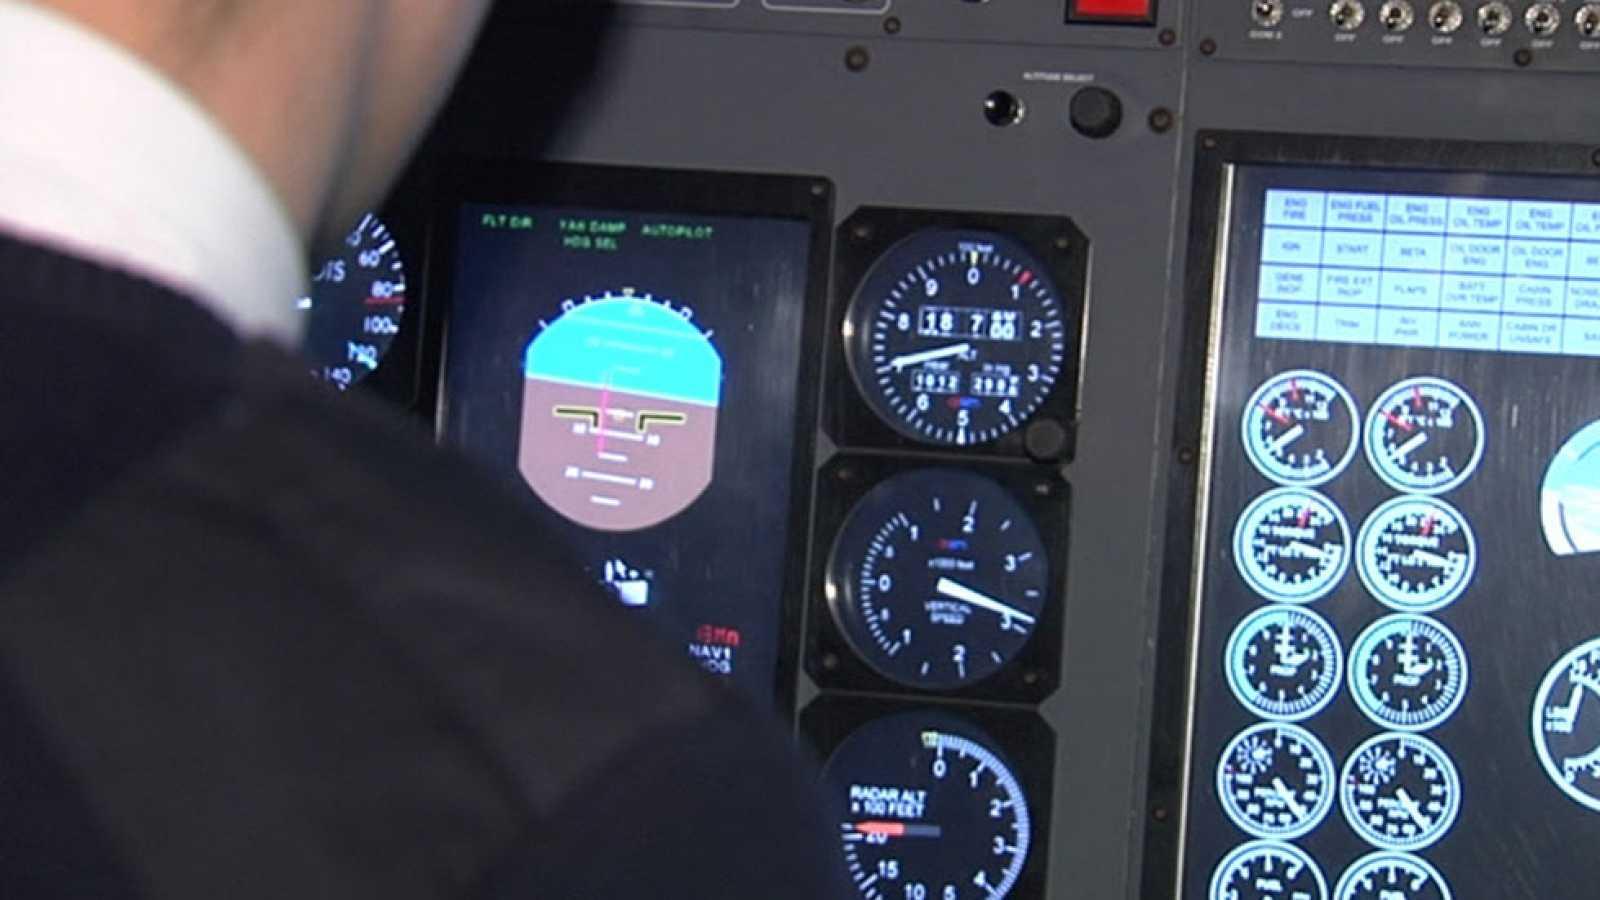 Los miembros de las compañías aéreas están obligados a pasar pruebas físicas, psicológicas y test de personalidad periódicamente